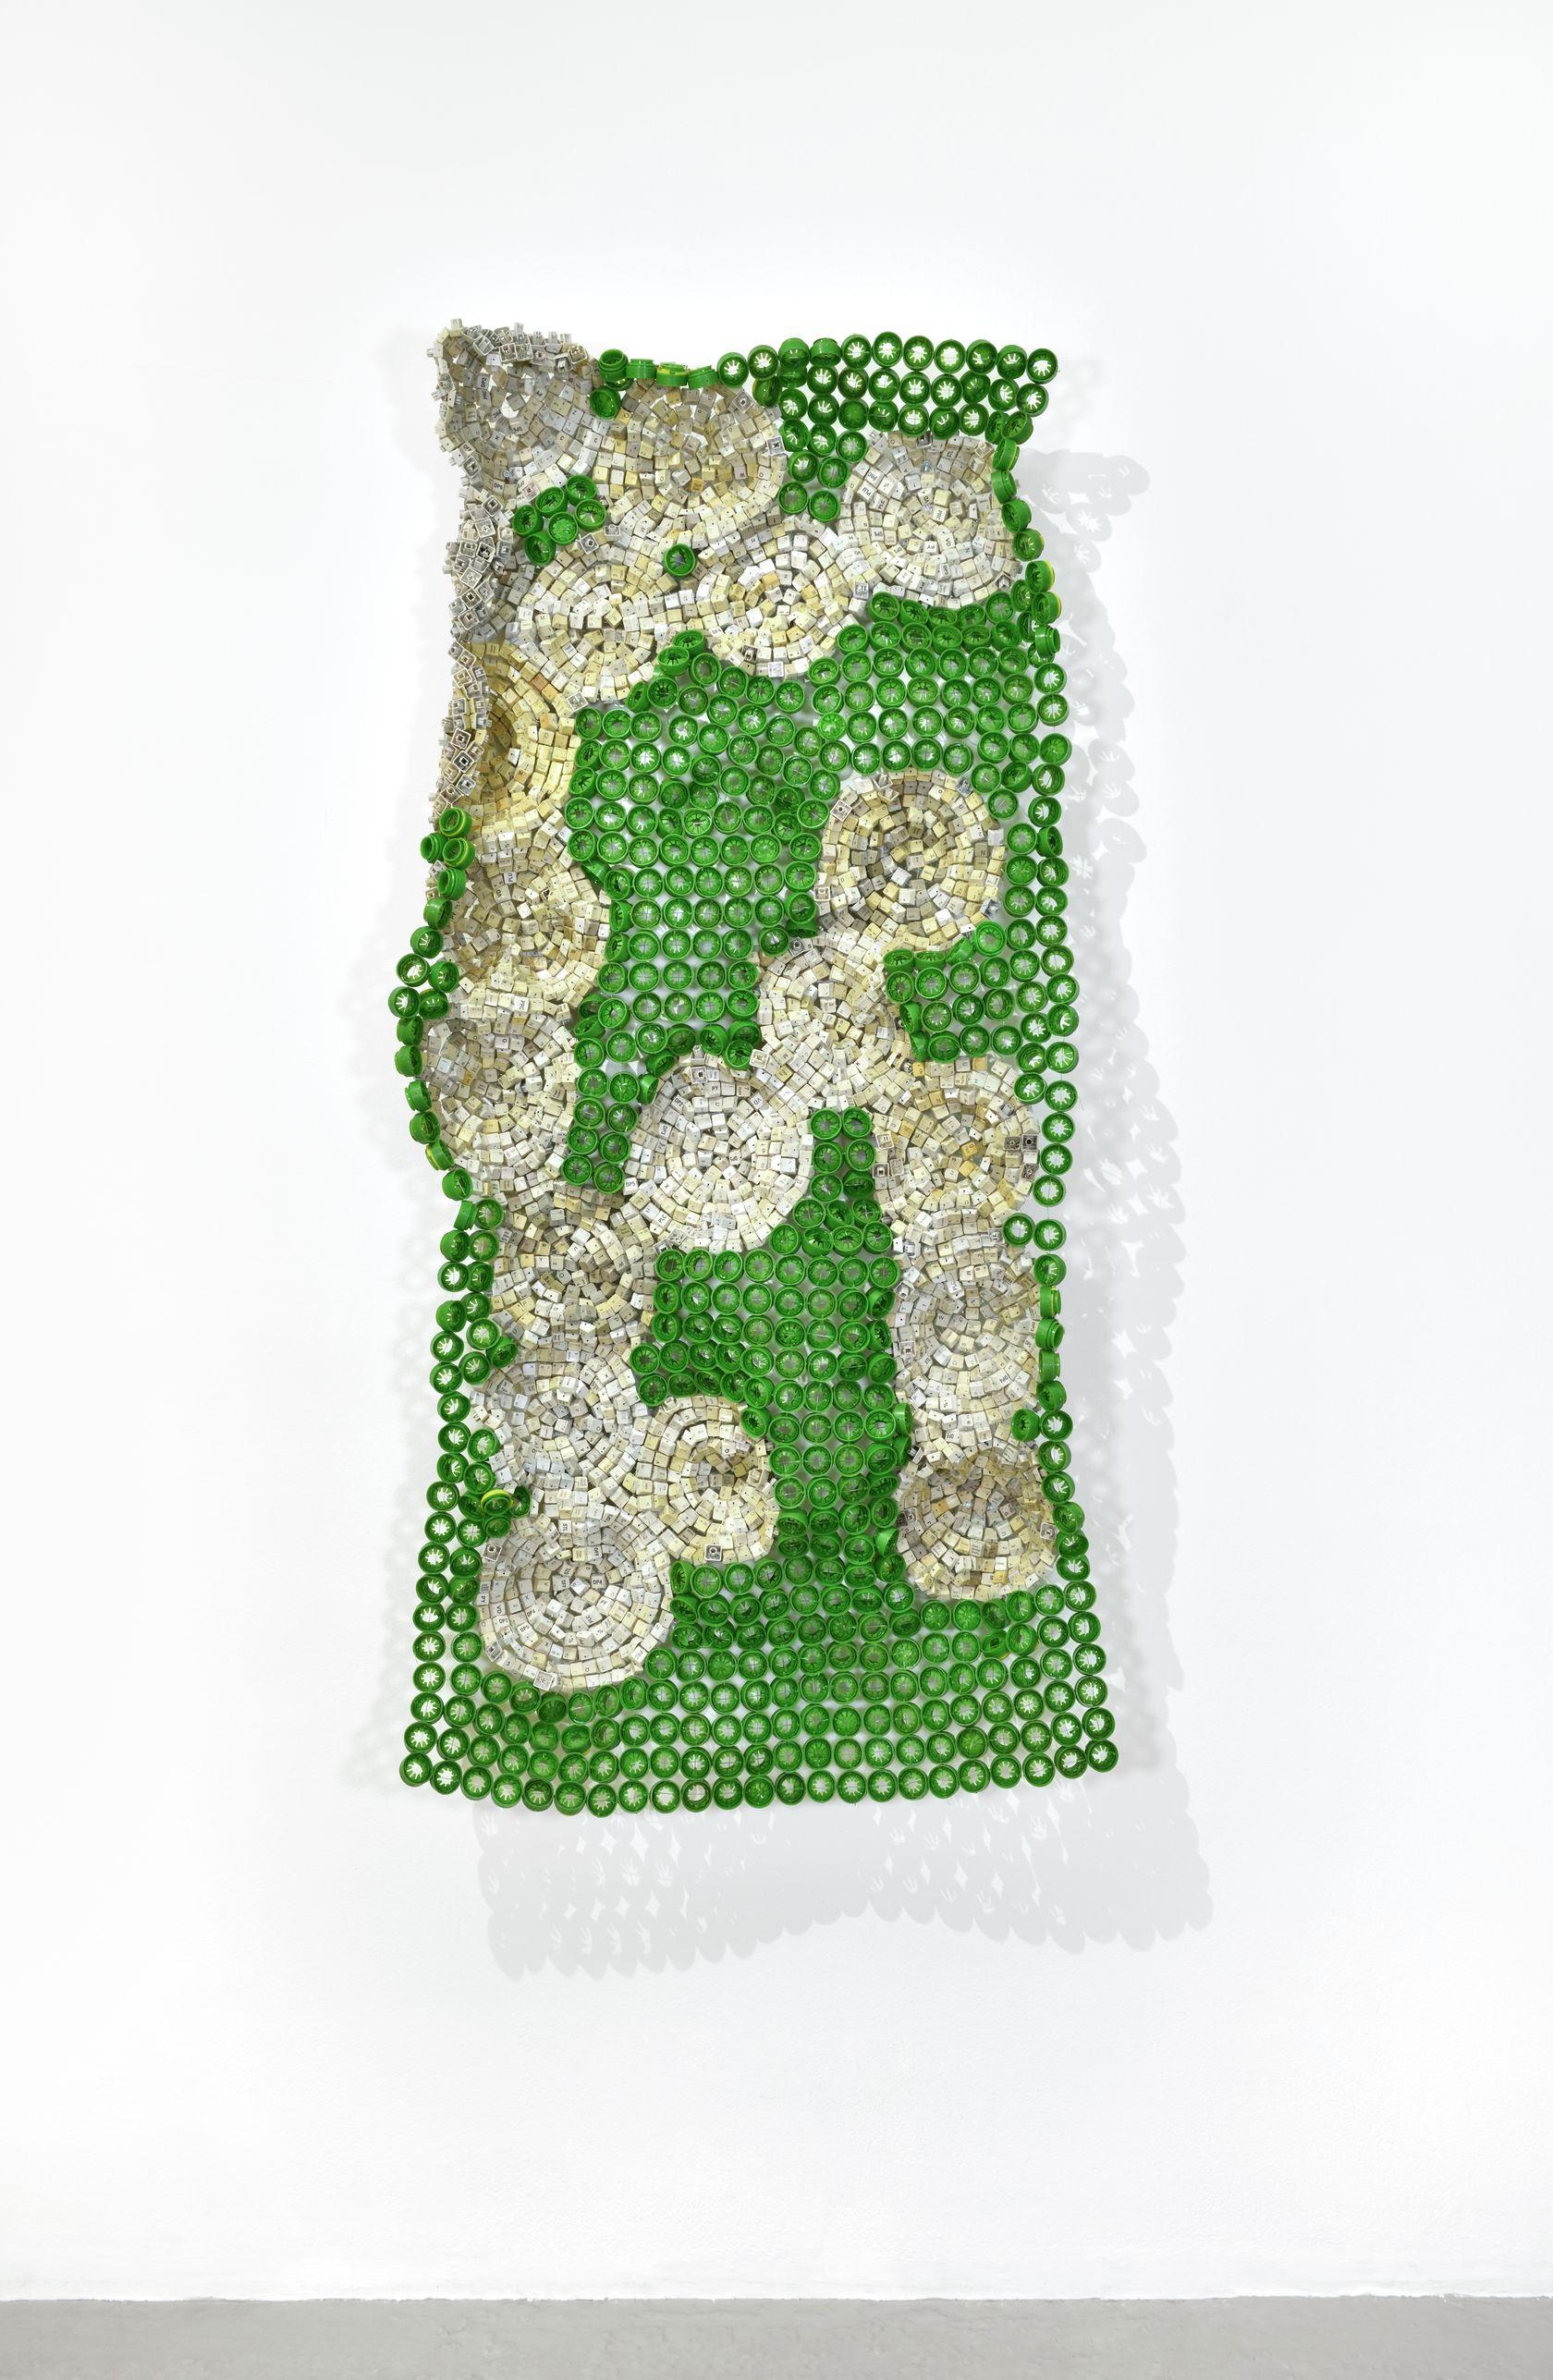 Moffat Takadiwa, Farm Payslip (8), 2020 Touches de clavier en plastique, bouchons de bouteille en plastique162.5 × 77 × 15 cm / 64  × 30 3/8 × 5 7/8 in.